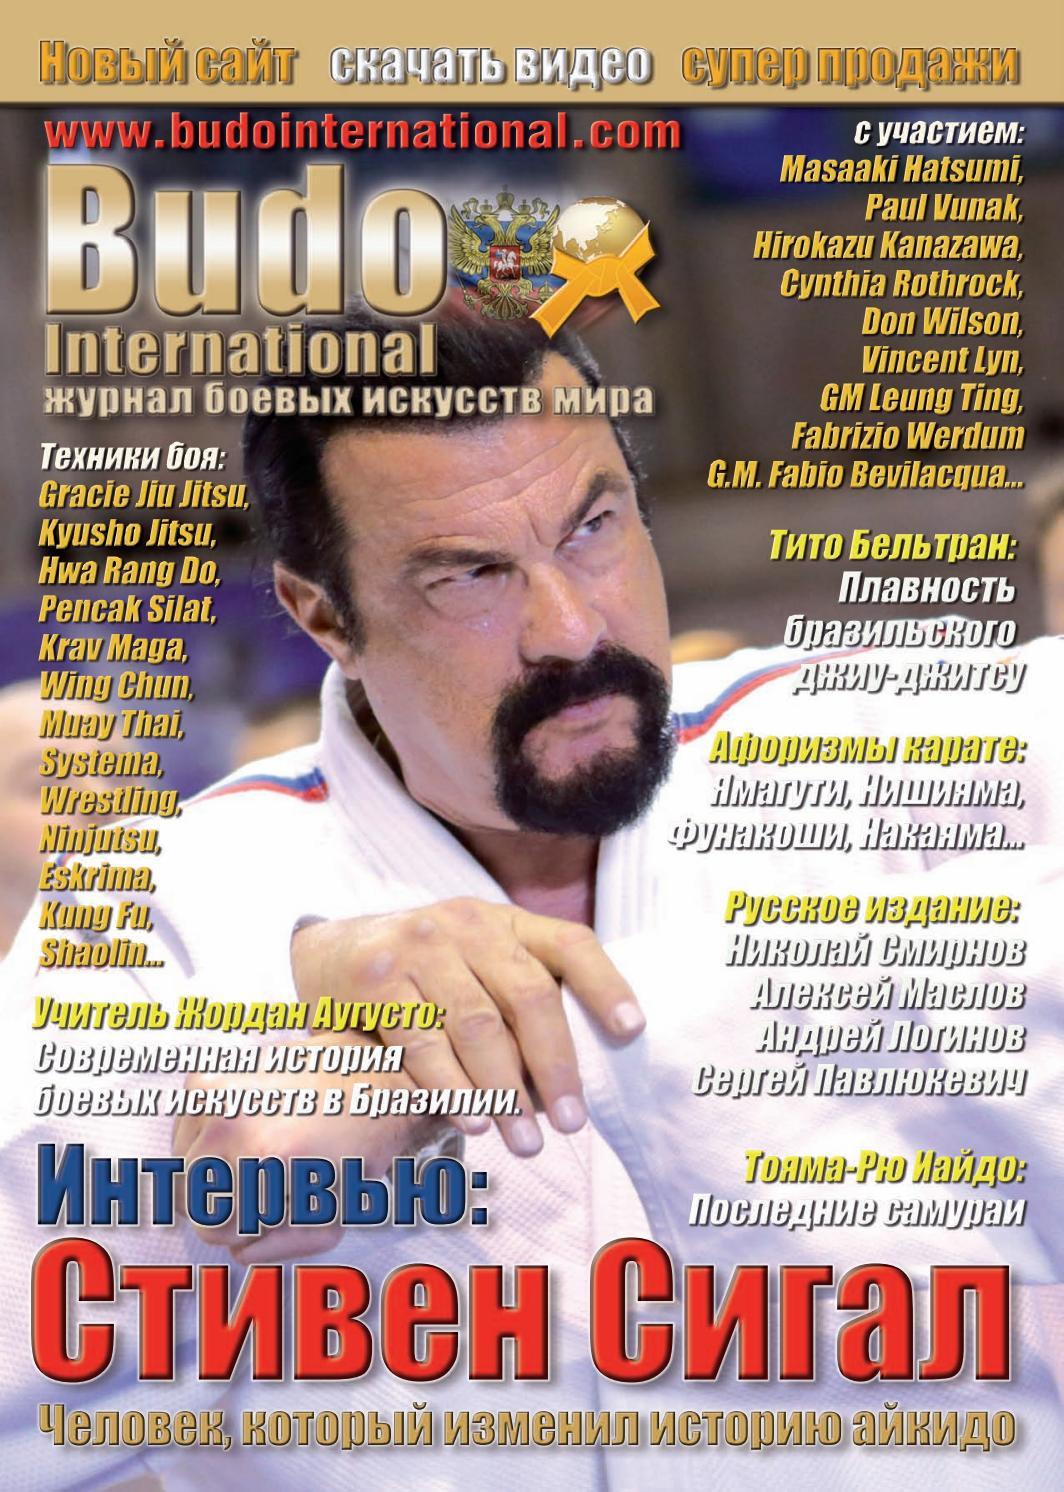 Budo International #1